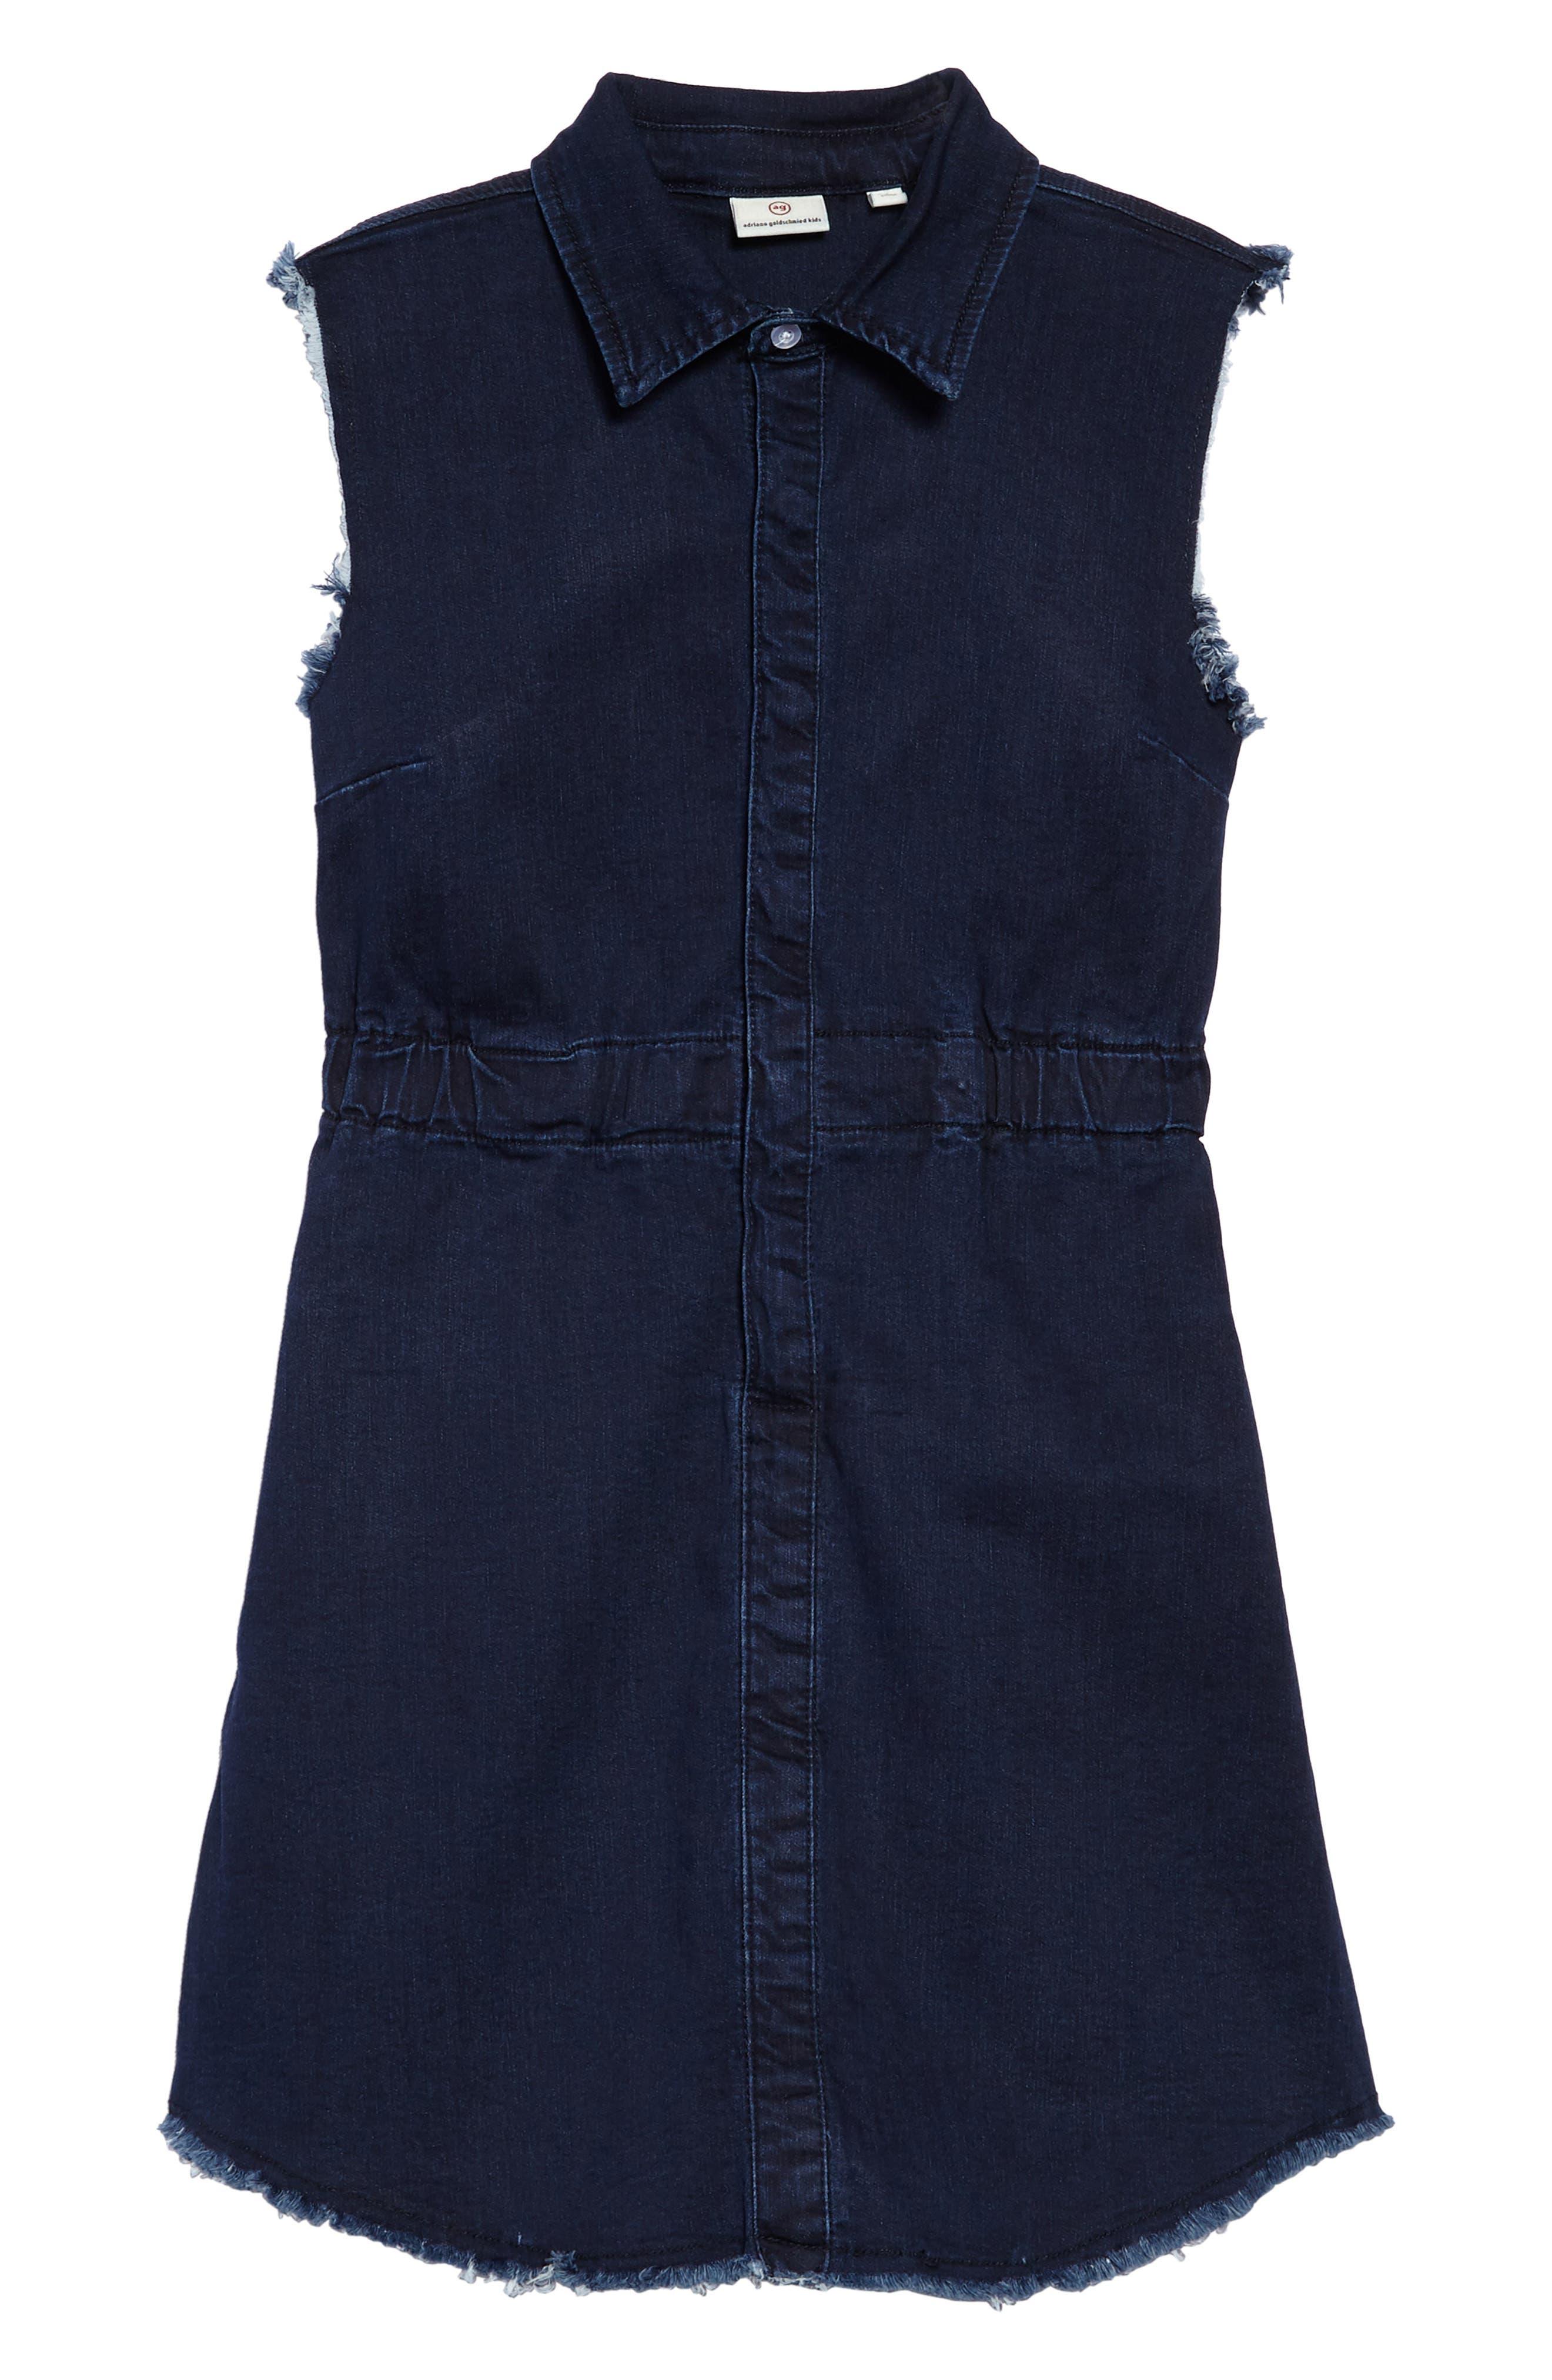 Rosanna Chambray Dress,                             Main thumbnail 1, color,                             490